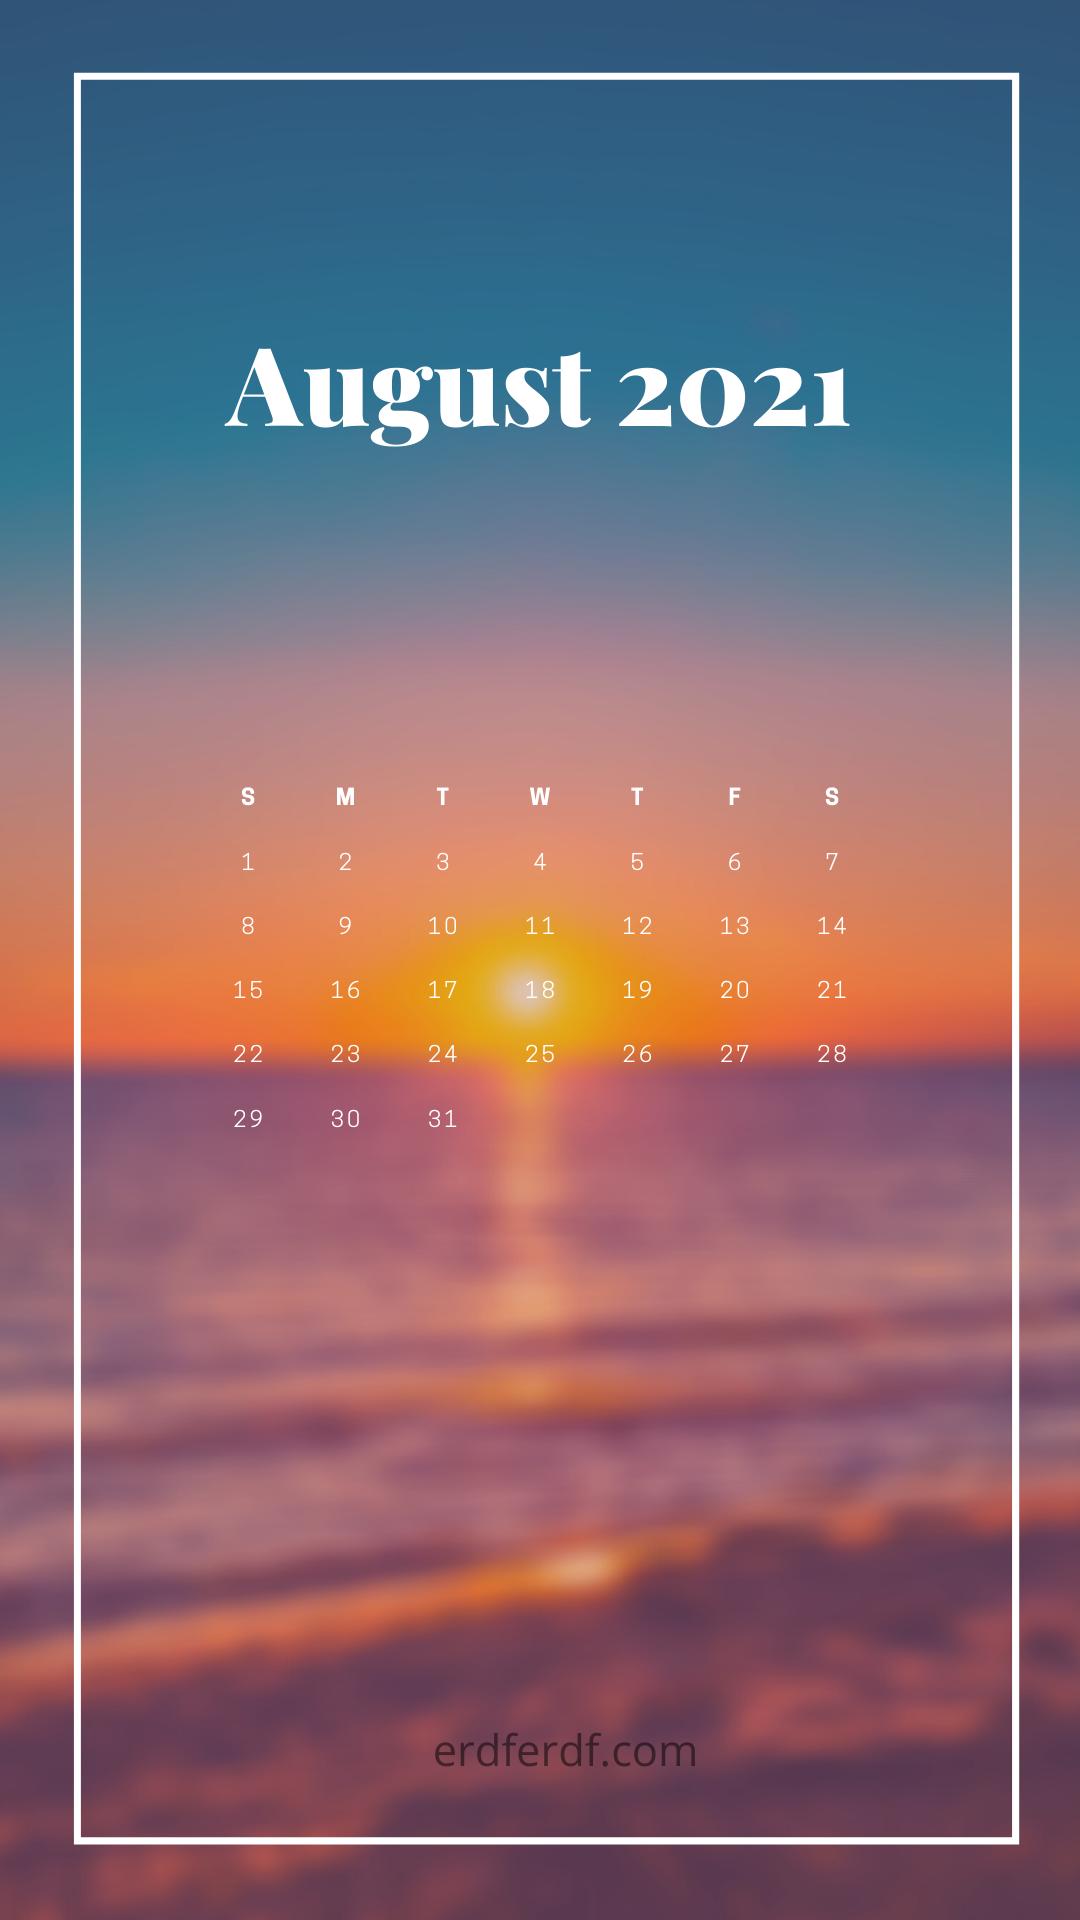 August 2021 Callendar Wallpaper Iphone Cat Cute Sun